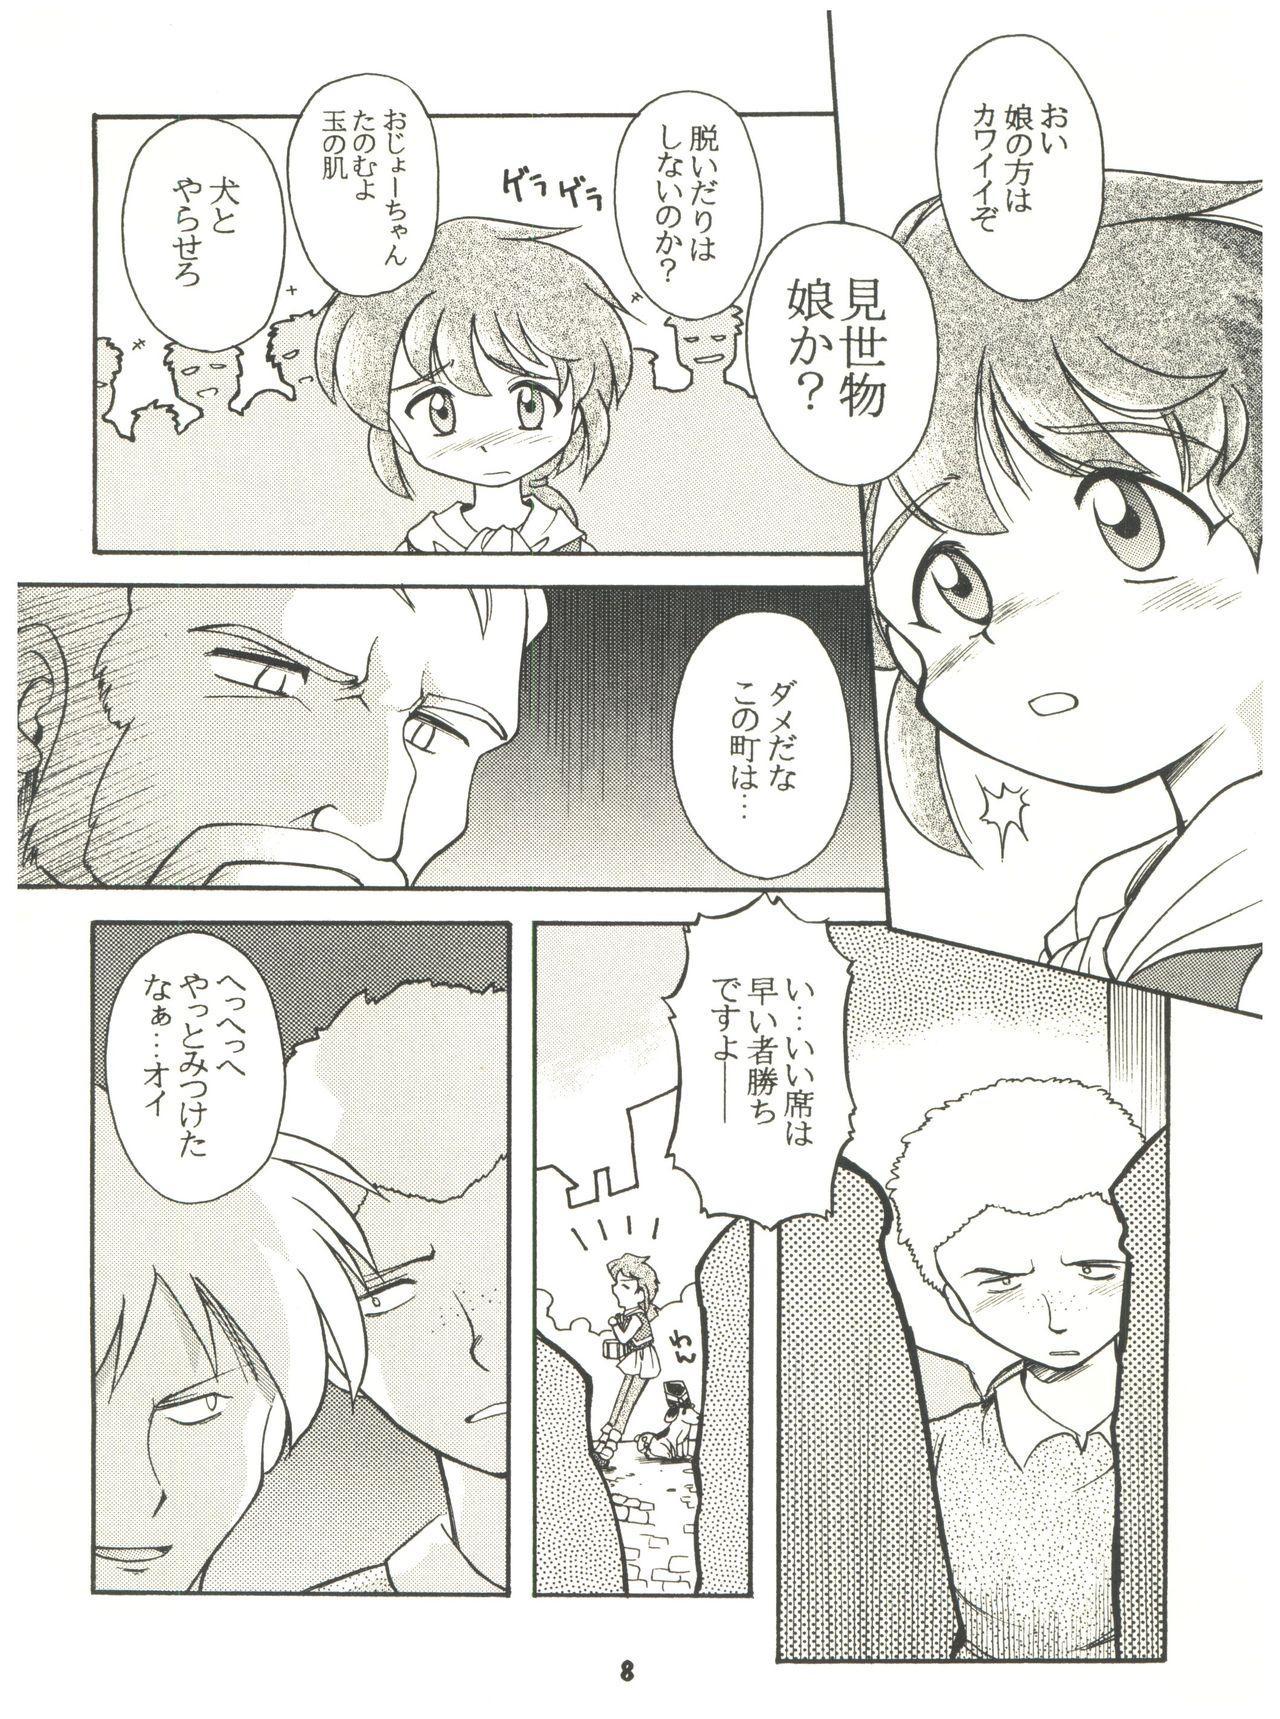 [Sairo Publishing (J. Sairo) En-Jack 2 (Various) 7